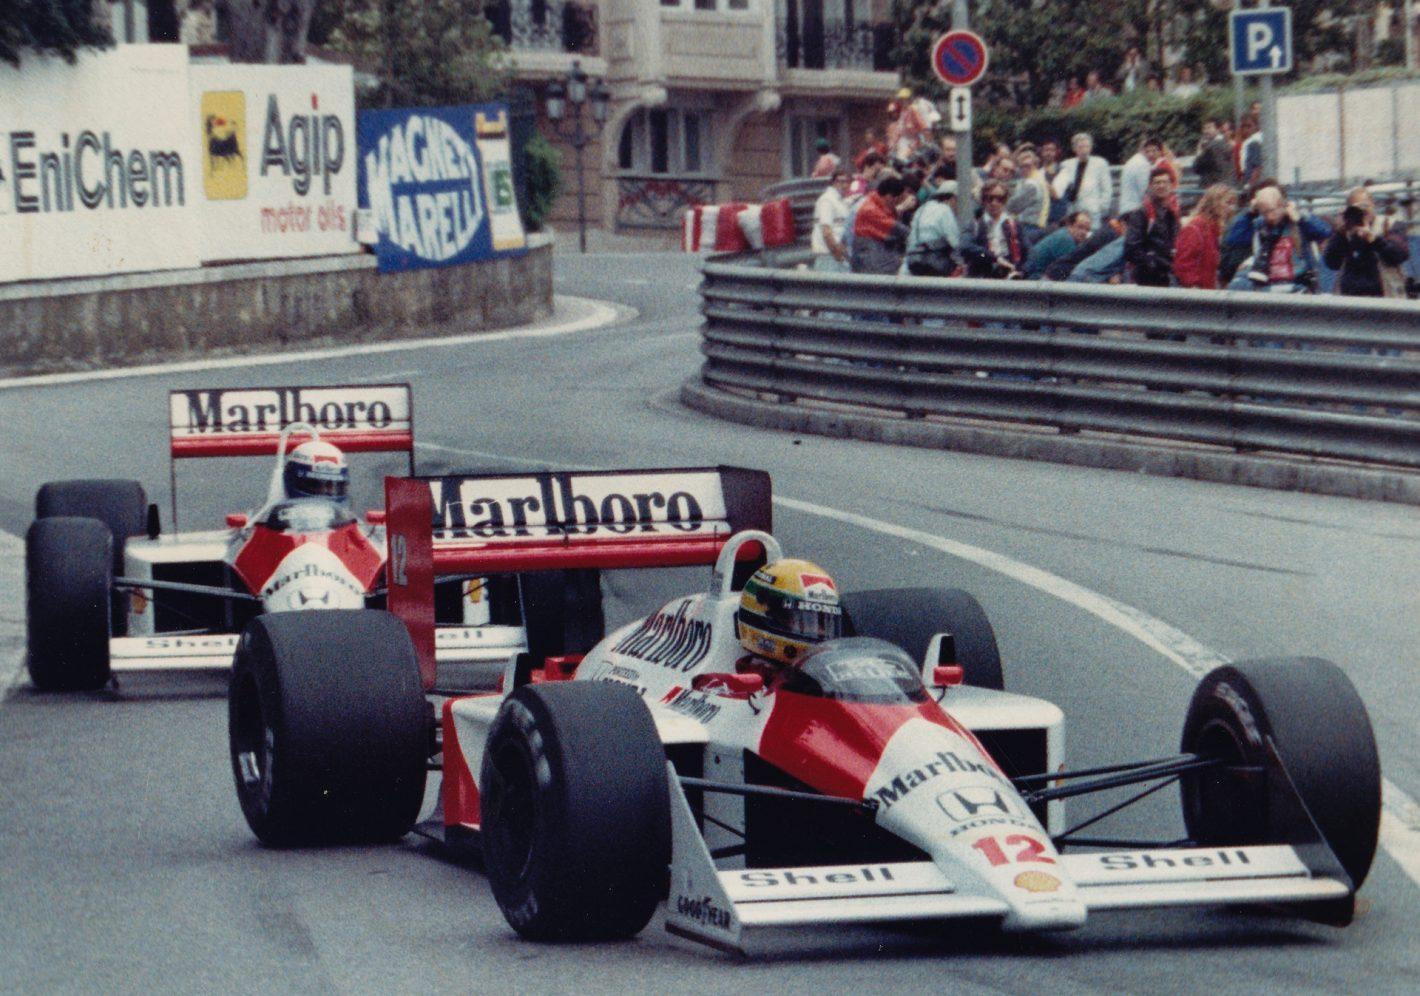 Senna Prost mirabeau 1988